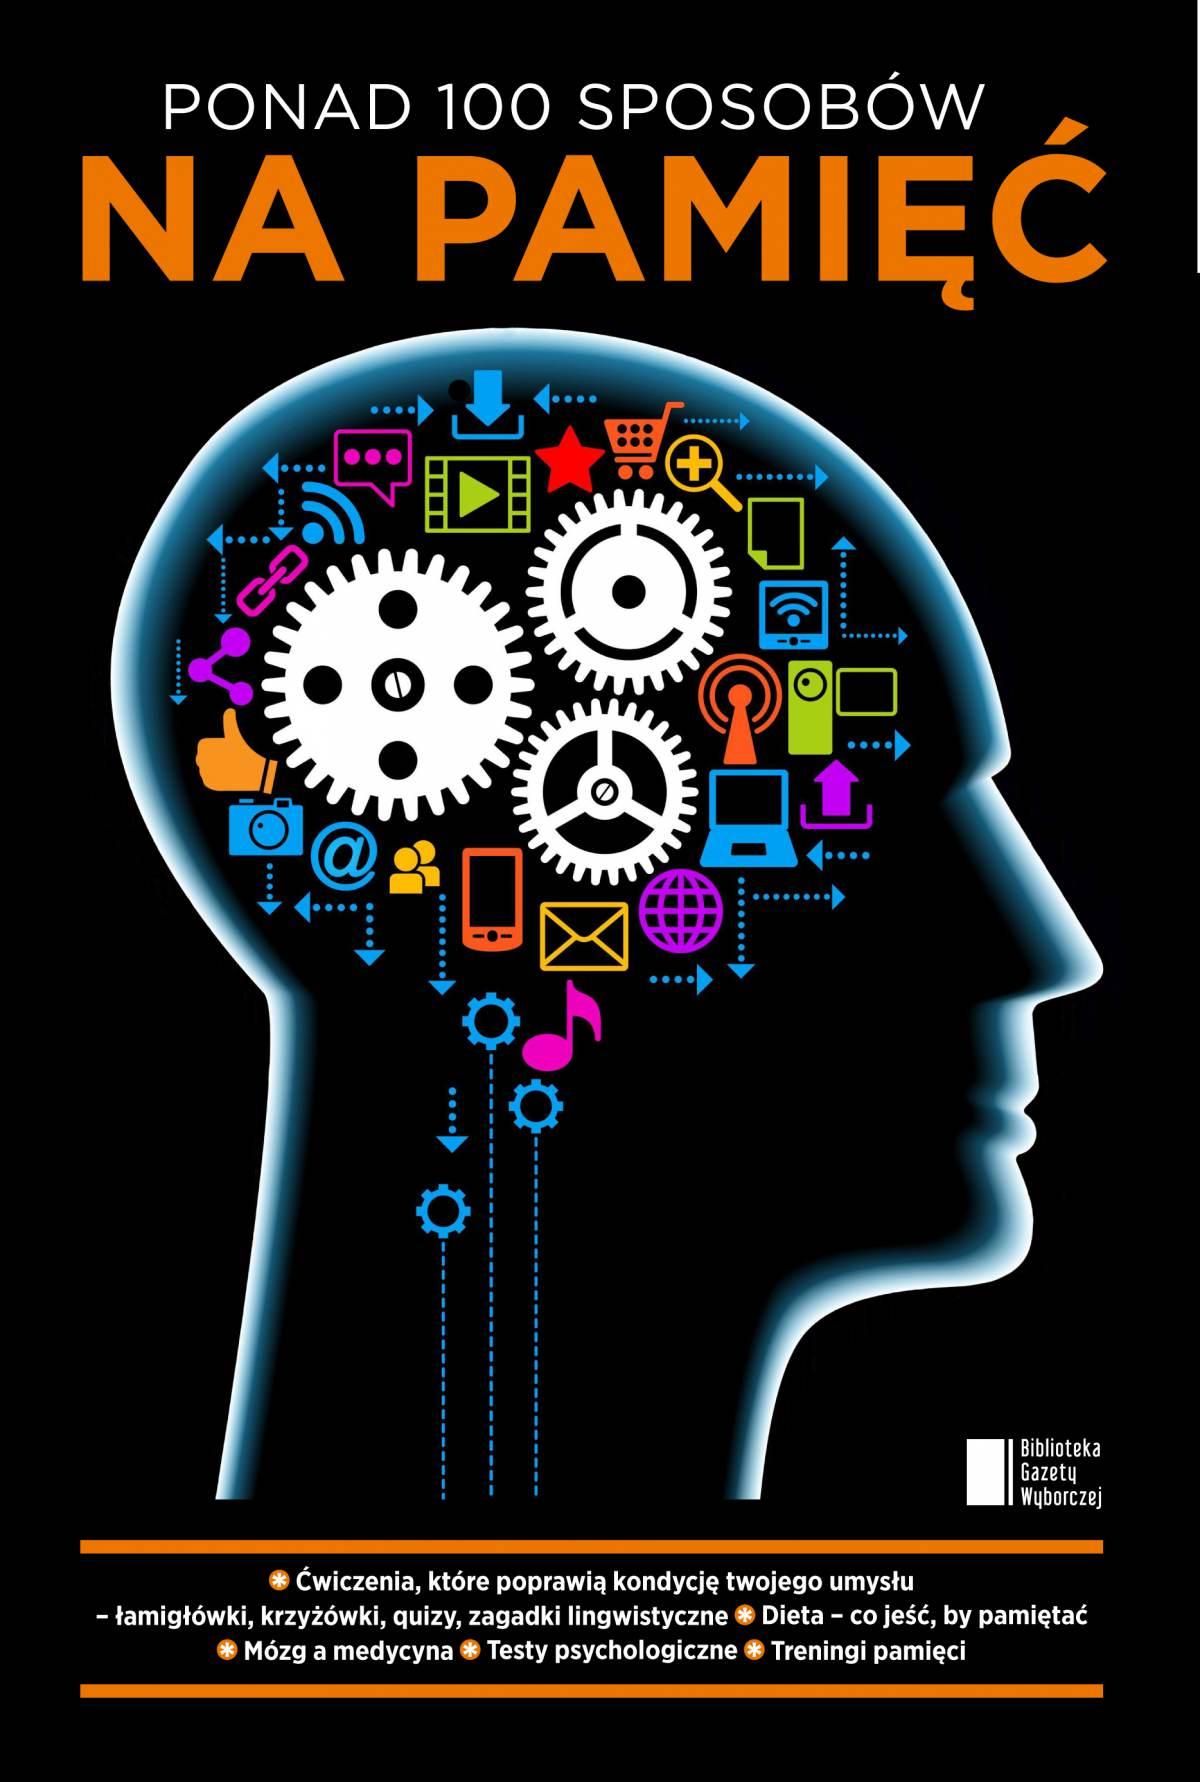 Ponad 100 sposobów na pamięć - Ebook (Książka PDF) do pobrania w formacie PDF